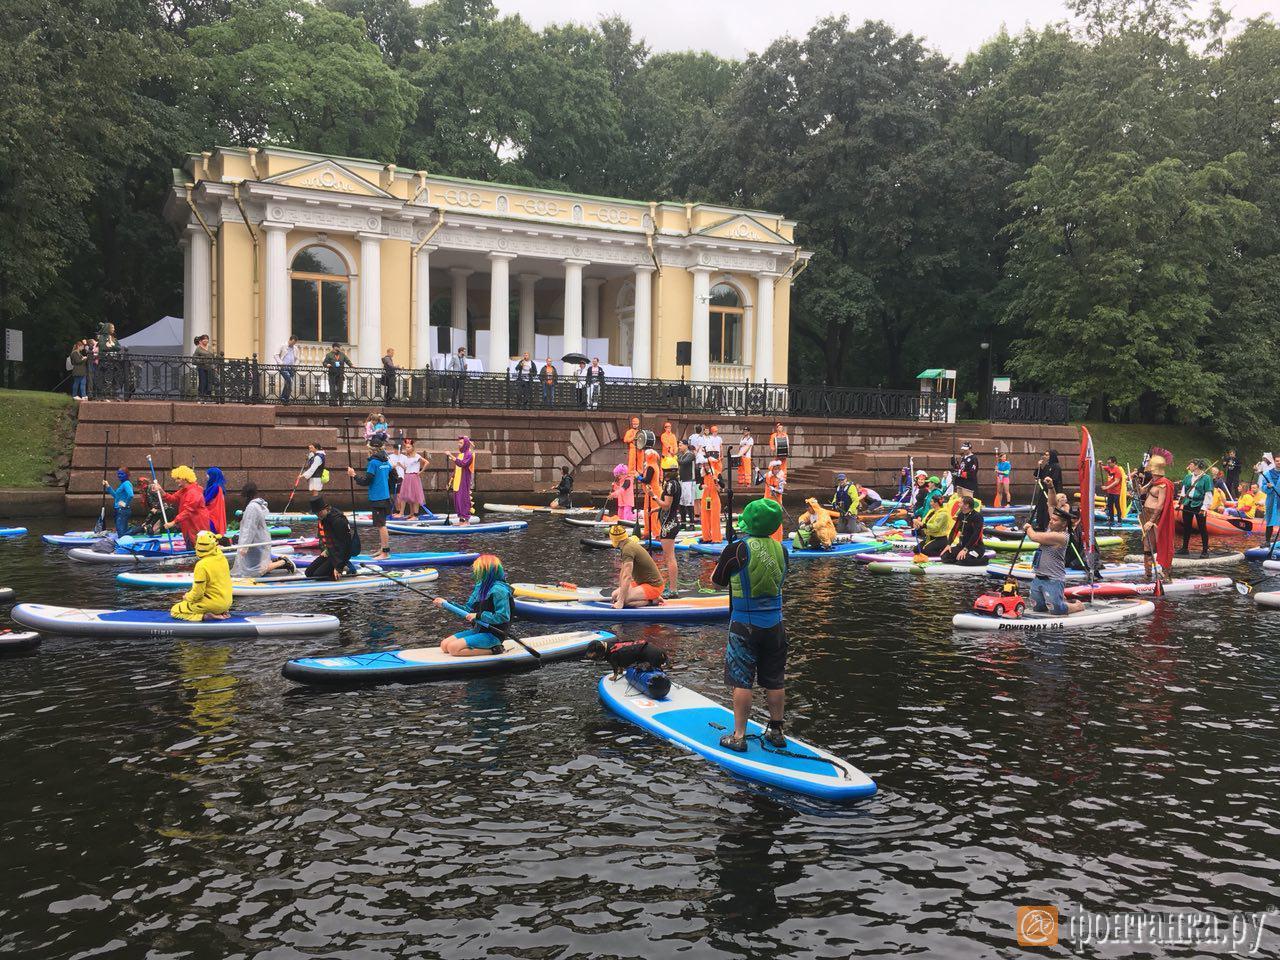 Фестиваль «Фонтанка-SUP» в прямом эфире (Иллюстрация 15 из 45) (Фото: Елена Ваганова)